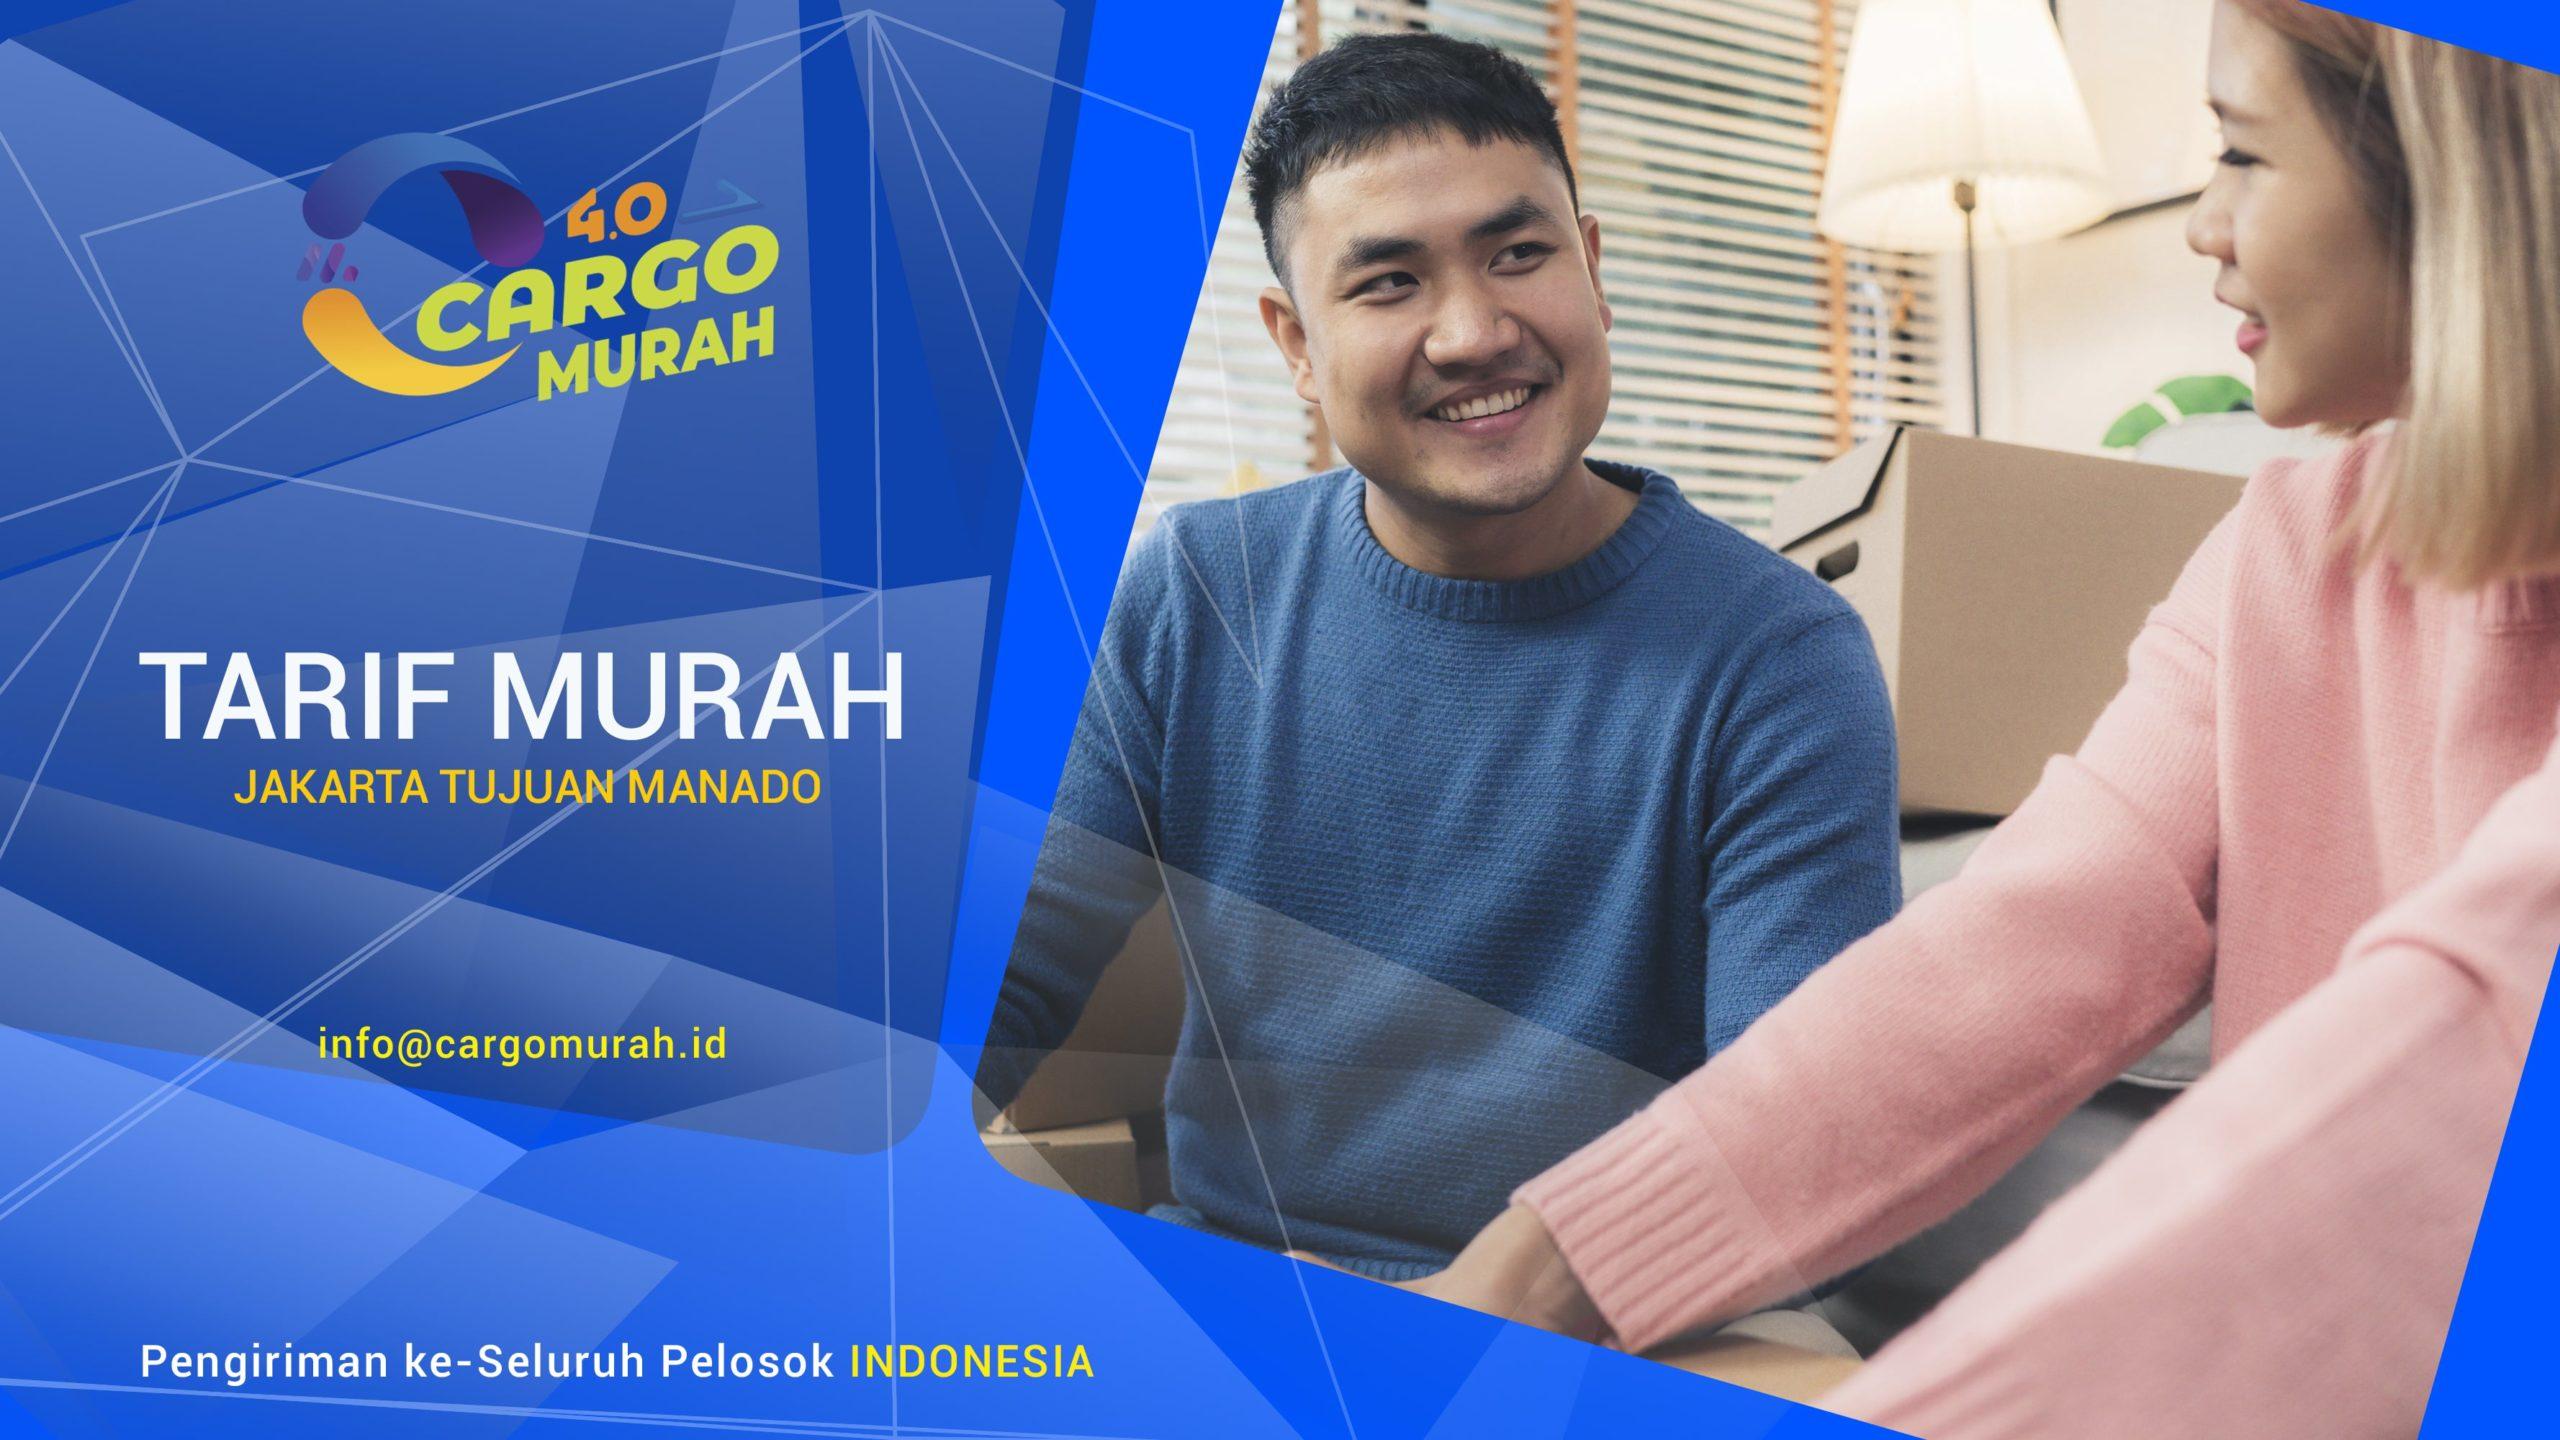 Jasa Pengiriman Jakarta ke Manado Sulawesi Utara